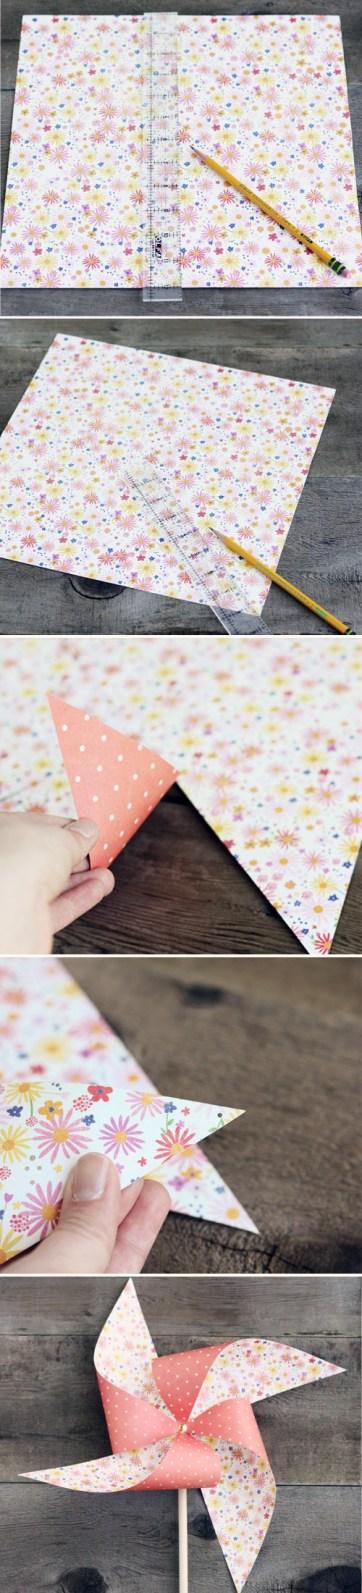 giant paper pinwheel diy